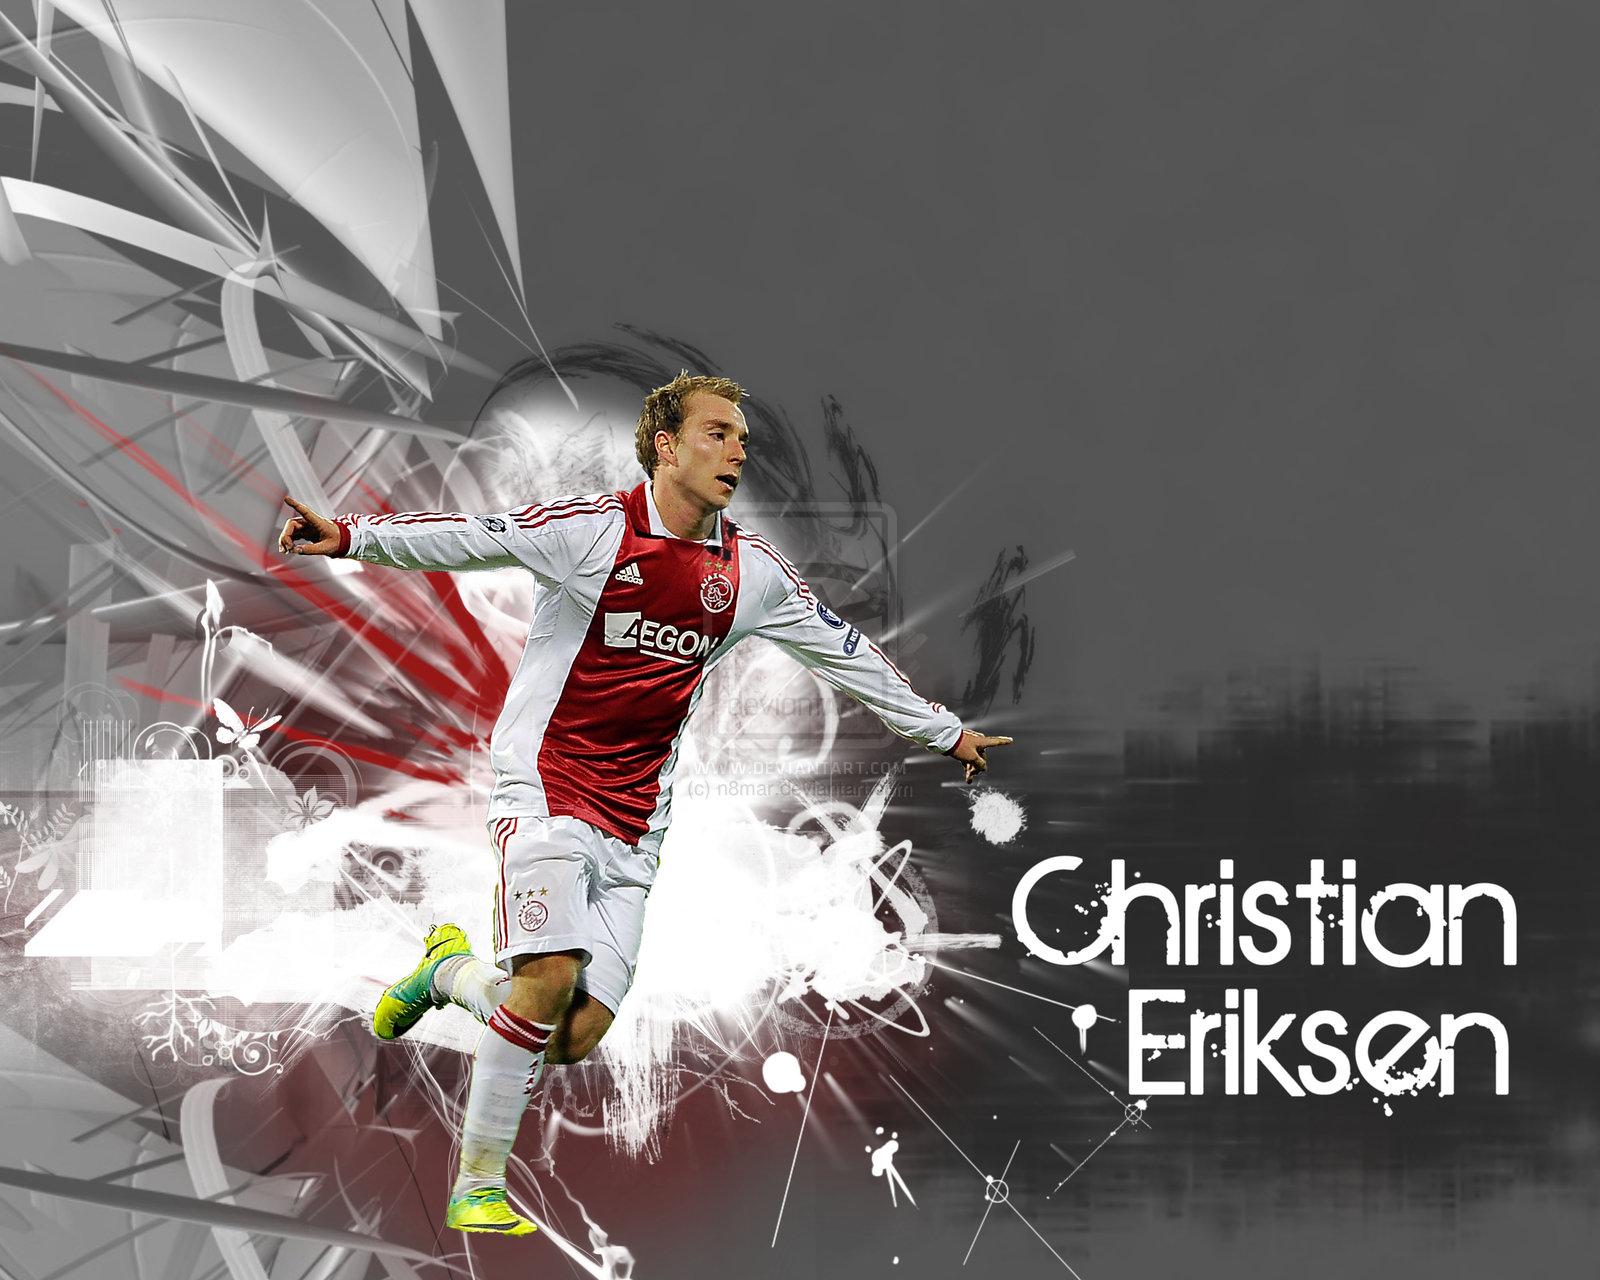 Christian Eriksen Denmark 2013